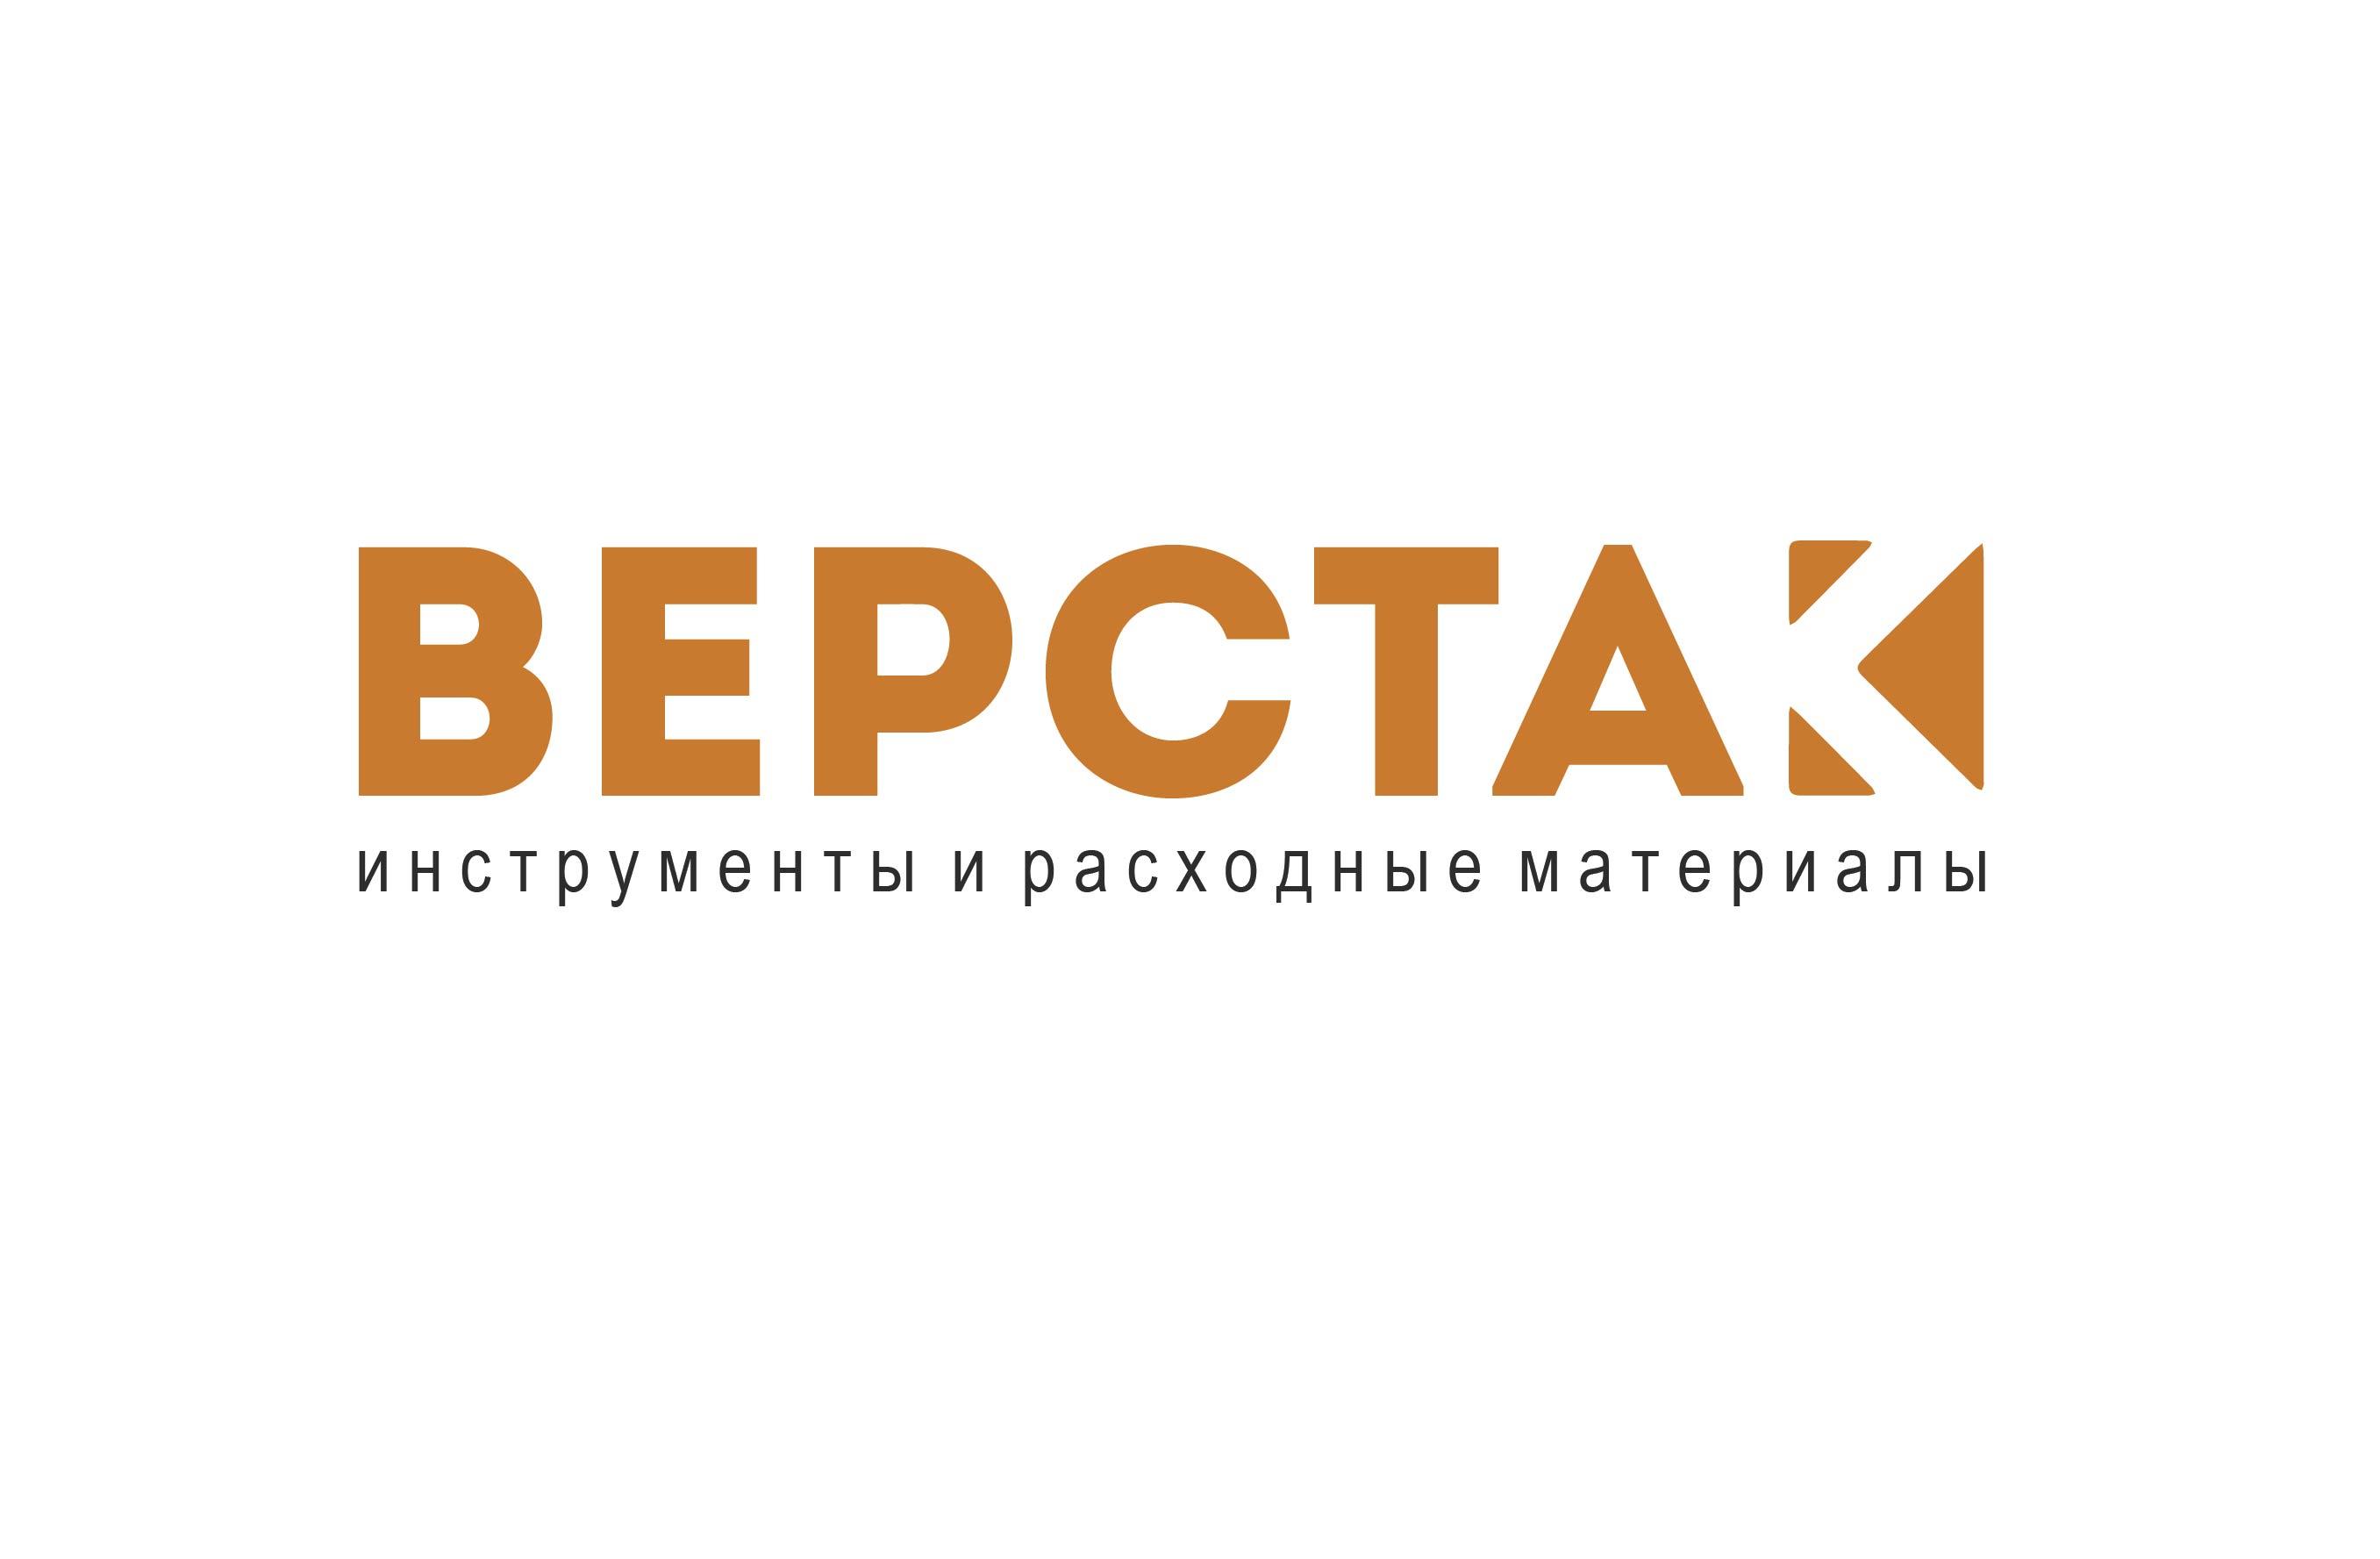 Логотип магазина бензо, электро, ручного инструмента фото f_8075a0b6ea78031d.jpg